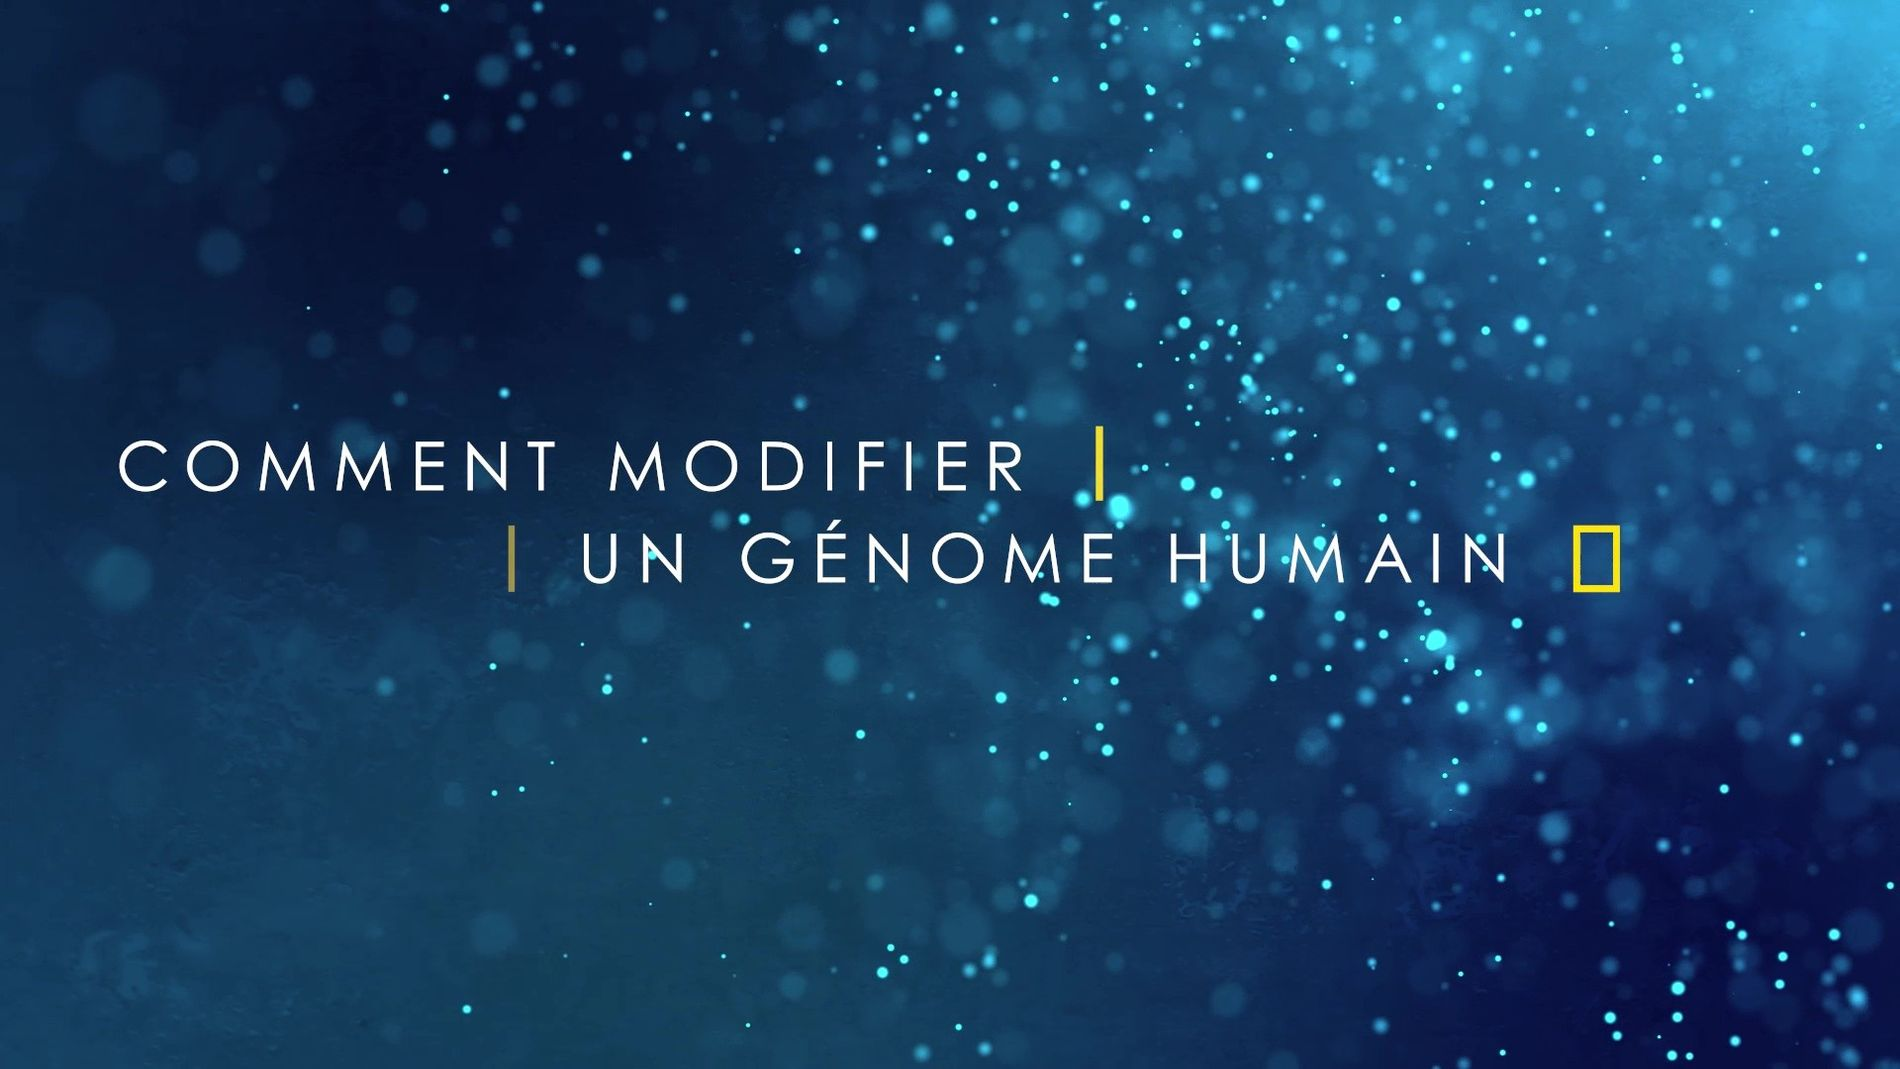 Que penser de la modification du génome humain ?